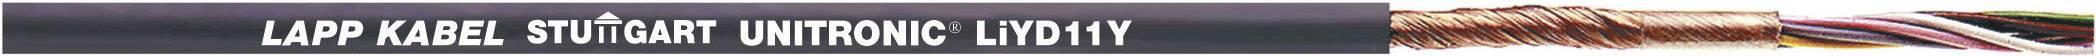 Dátový kábel LappKabel 0033303 UNITRONIC® LiYD11Y, 3 x 0.25 mm², čierna, metrový tovar